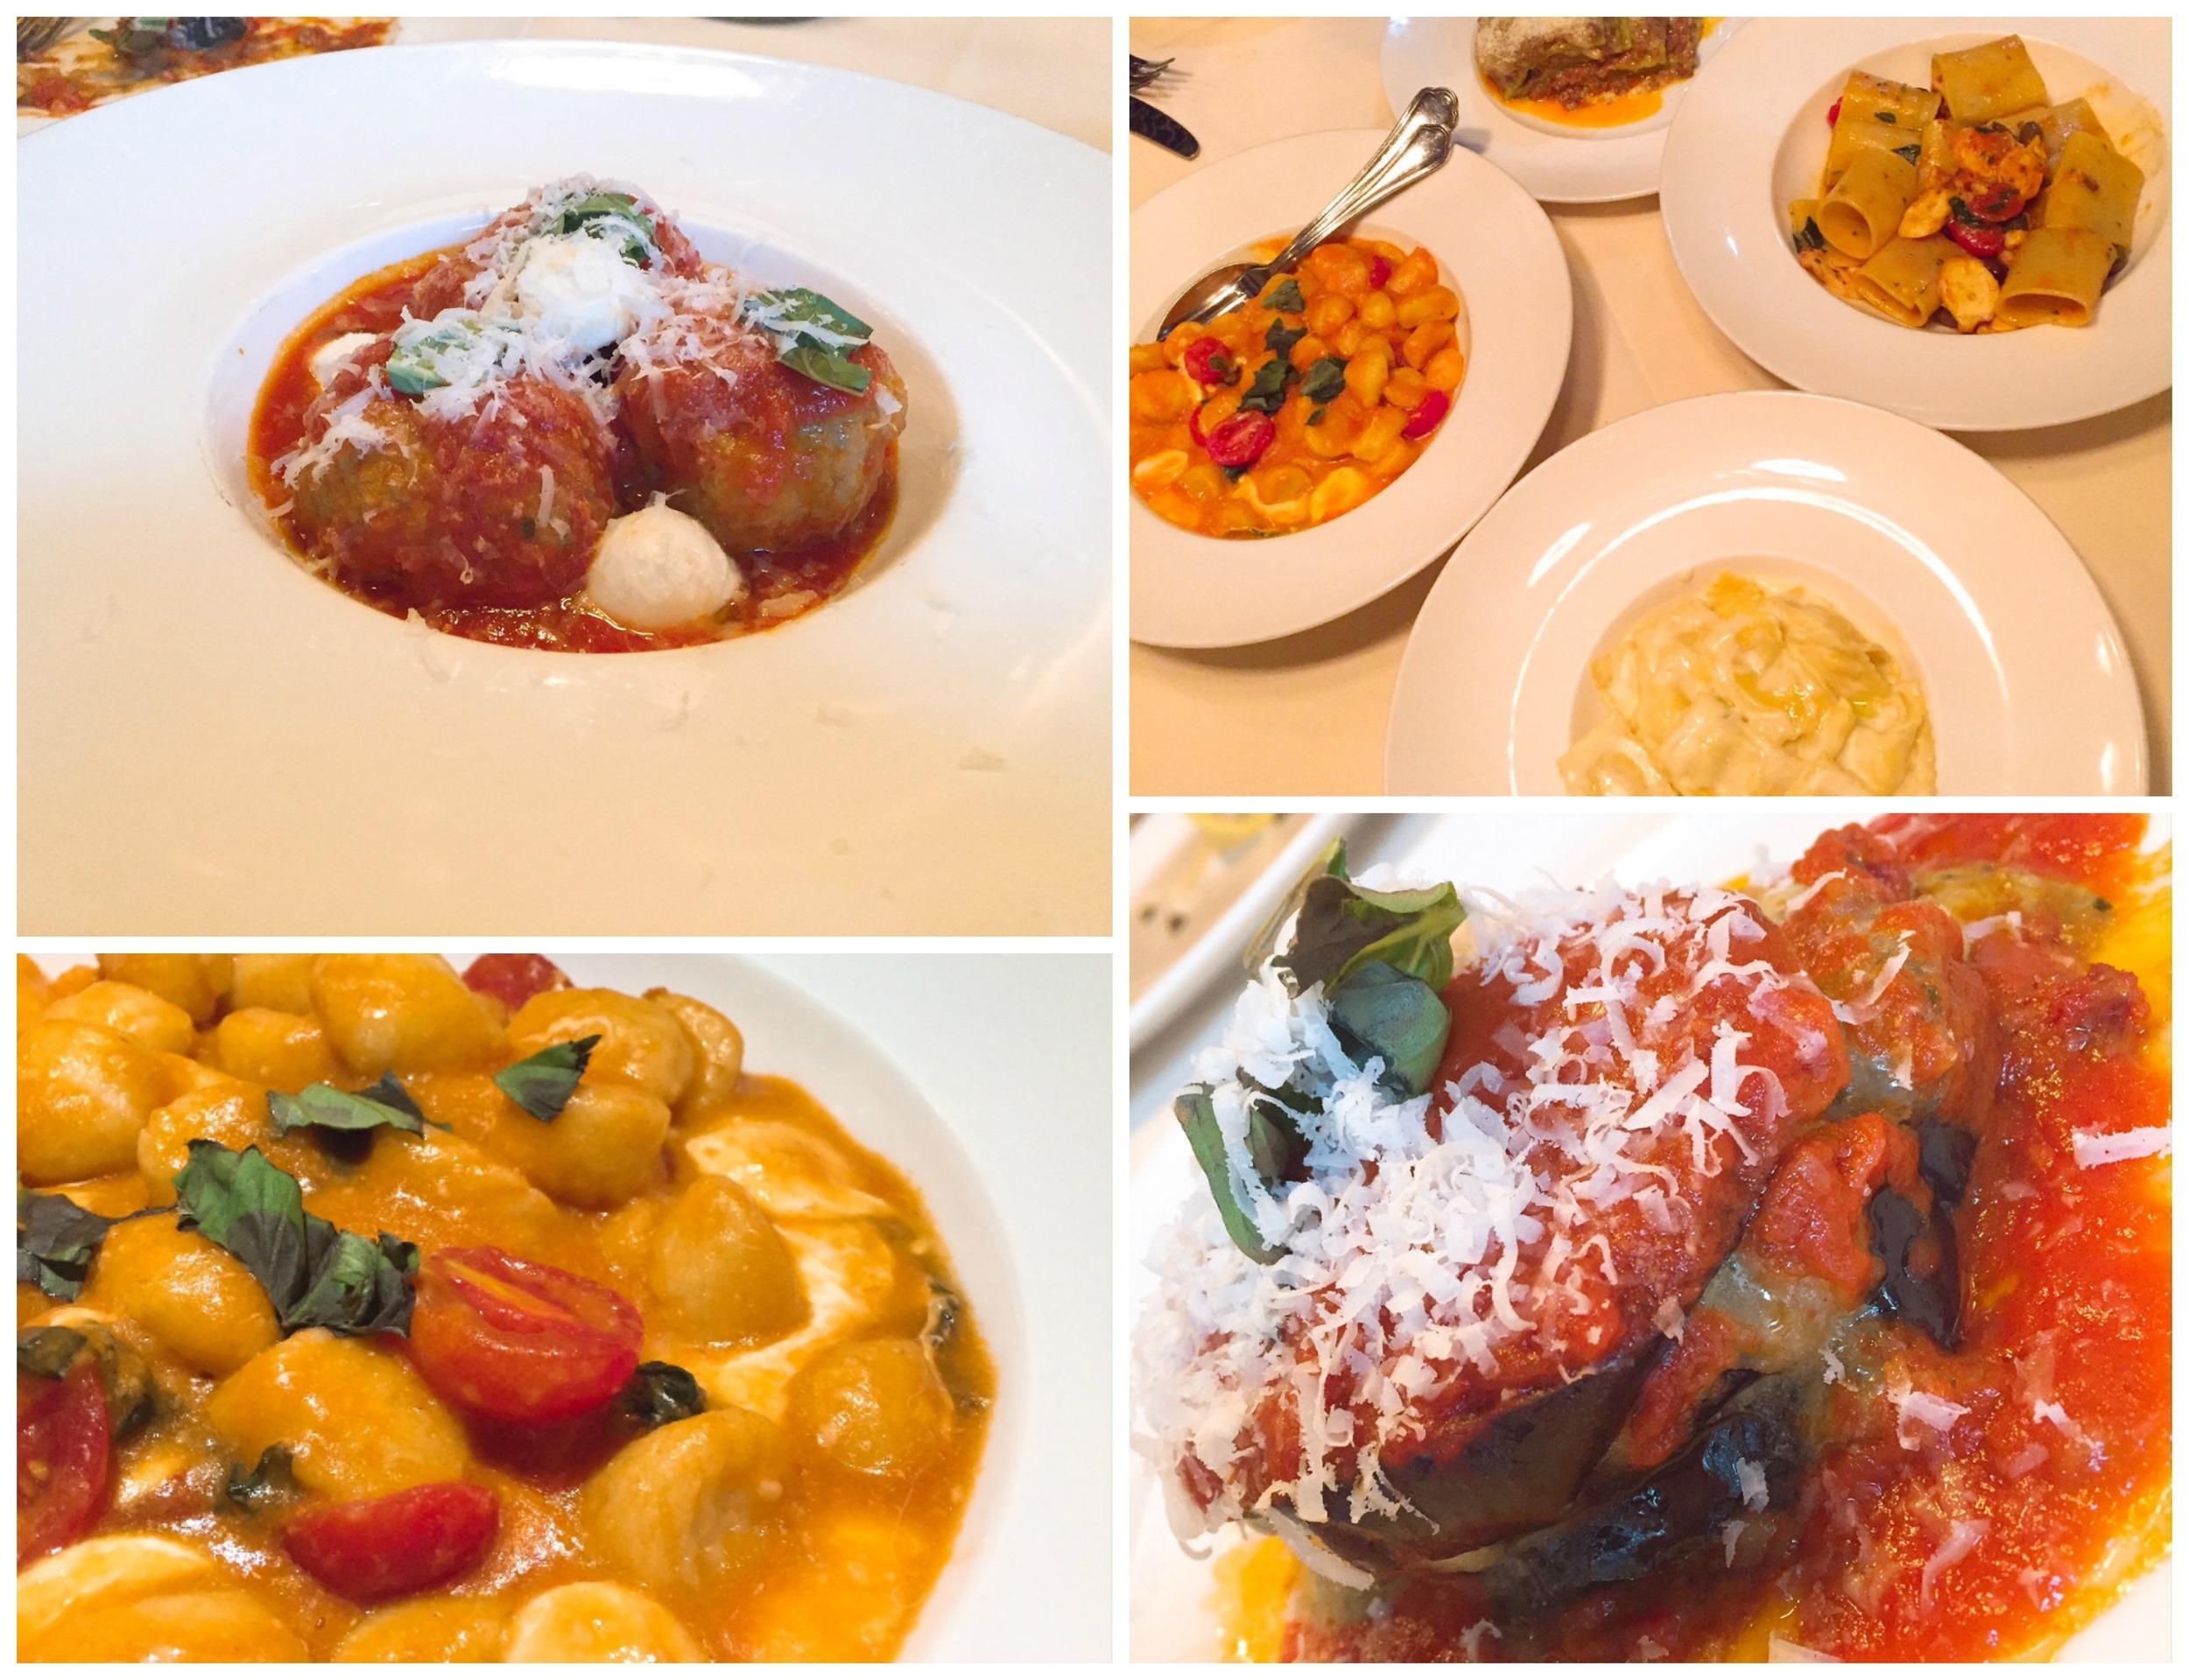 Quattro Gastronomia Miami Beach on Lincoln Rd